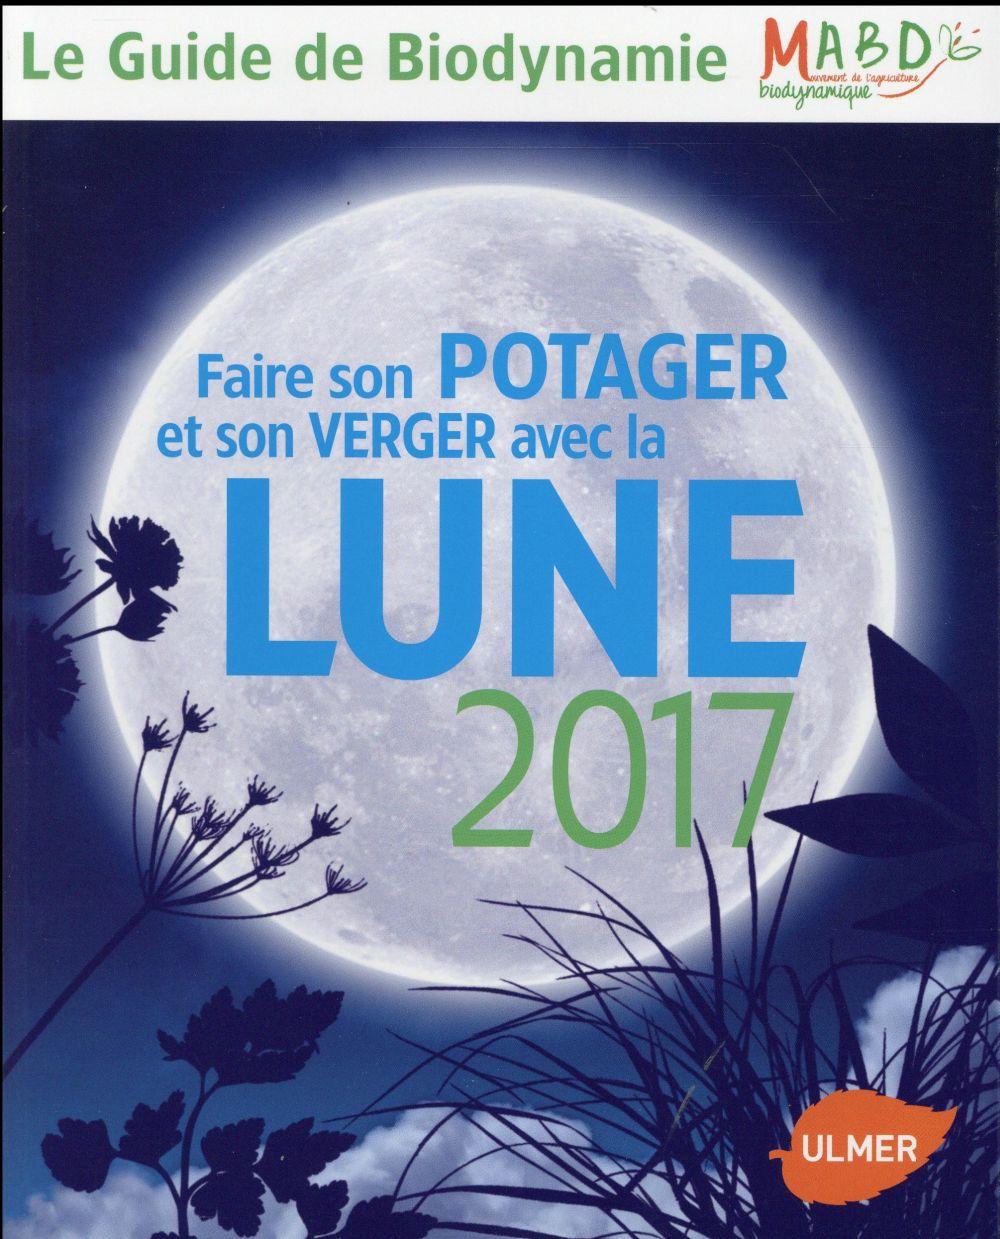 FAIRE SON POTAGER ET SON VERGER AVEC LA LUNE 2017